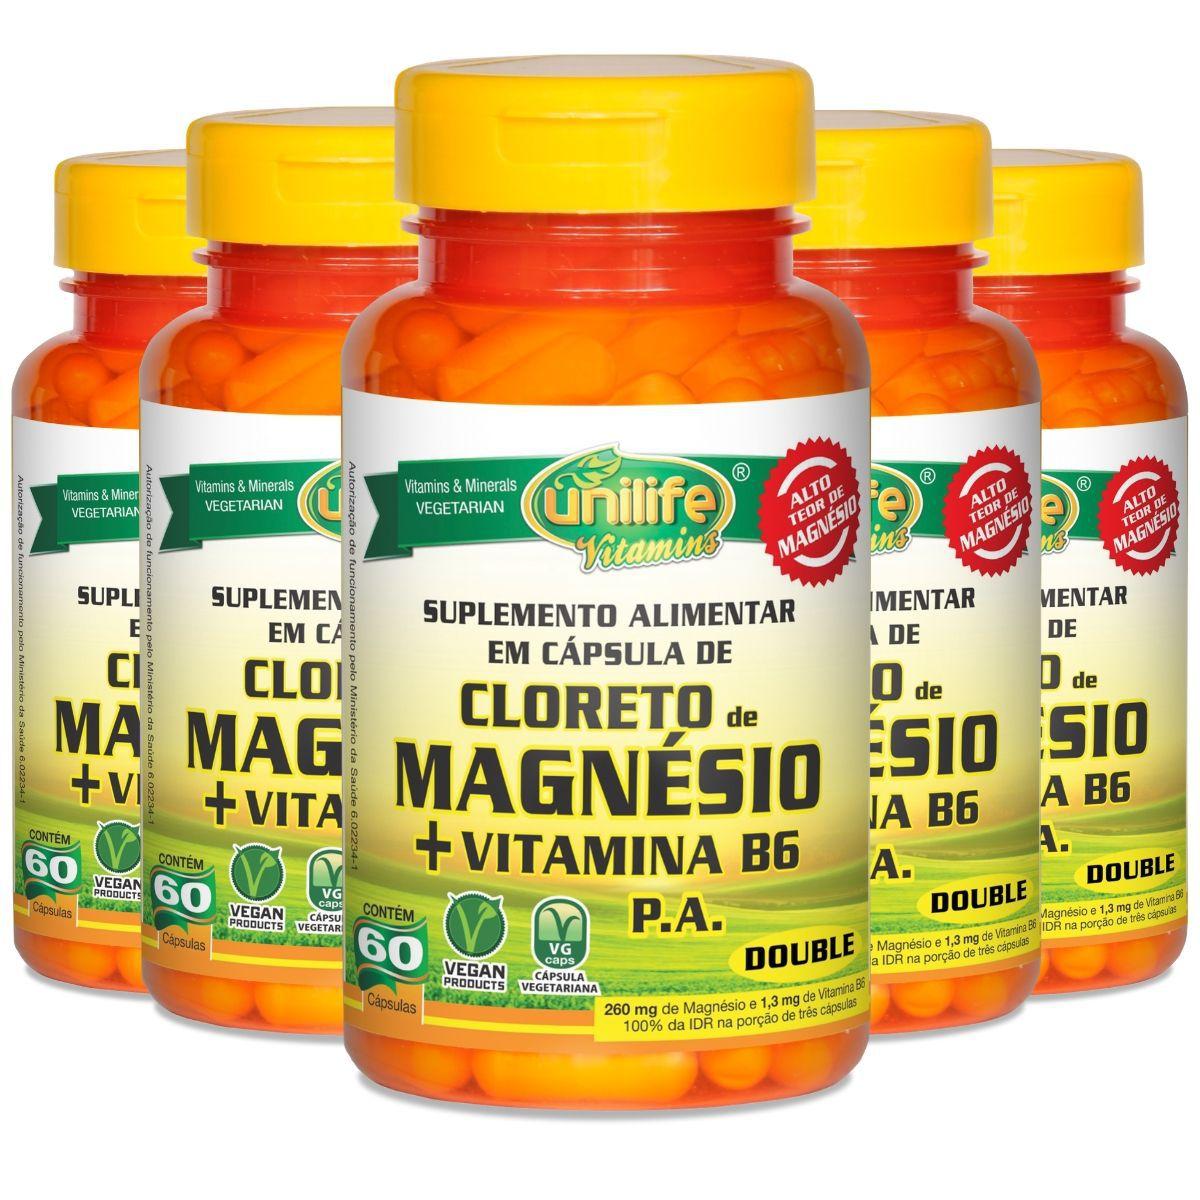 Kit 5 Cloreto De Magnésio Pa C/ Vitamina B6 800mg 60 Cápsulas - Unilife